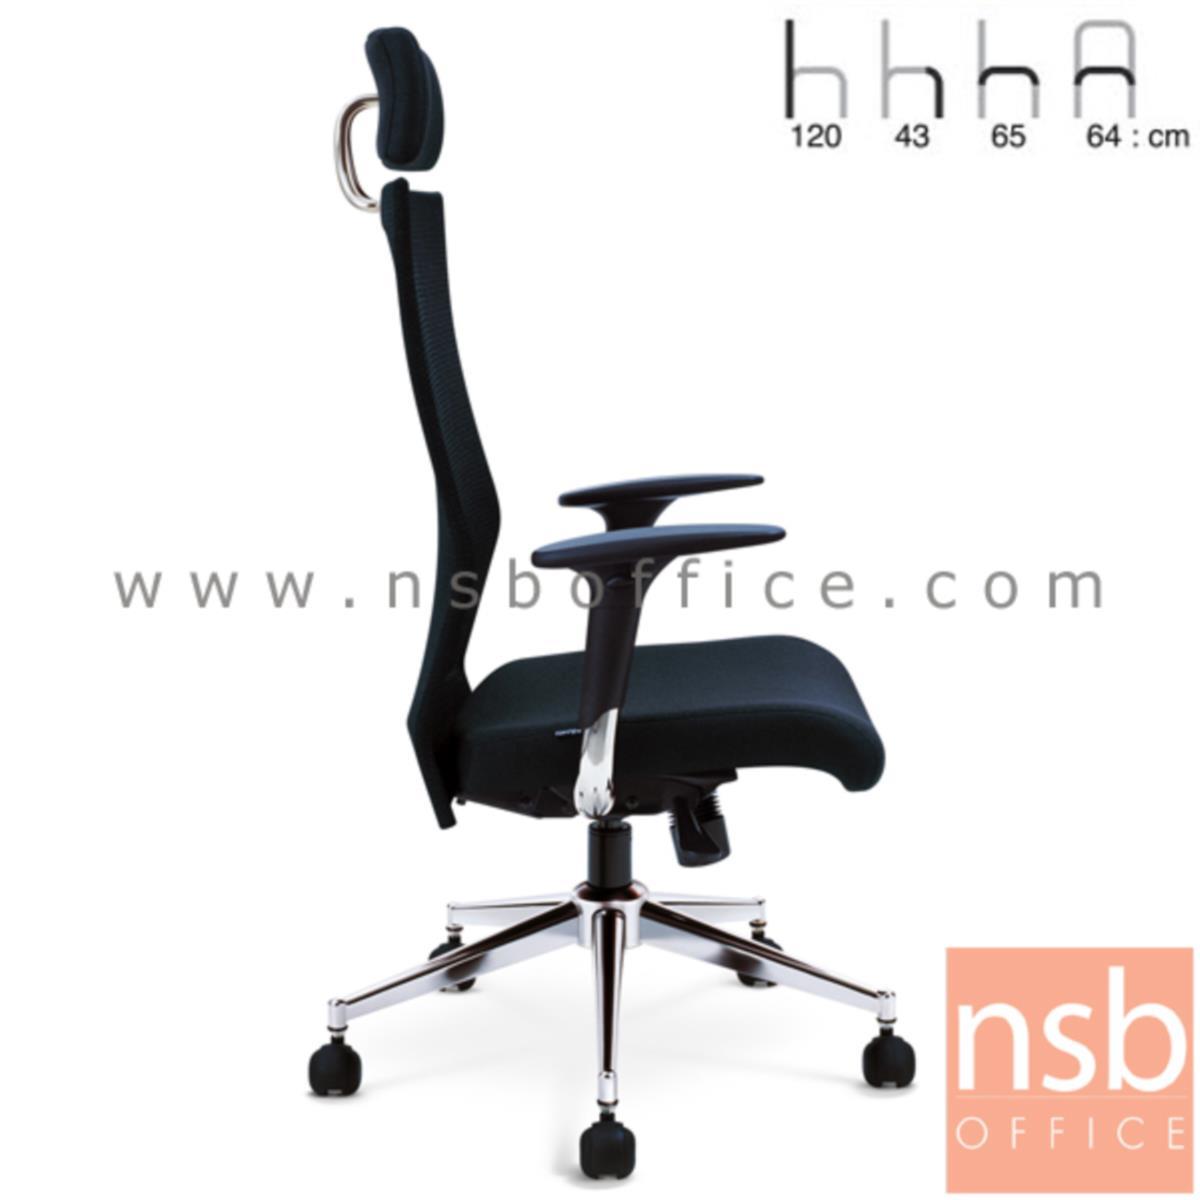 เก้าอี้ผู้บริหารหลังเน็ต รุ่น Infiniti (อินฟินิที)  โช๊คแก๊ส มีก้อนโยก ขาเหล็กชุบโครเมี่ยม